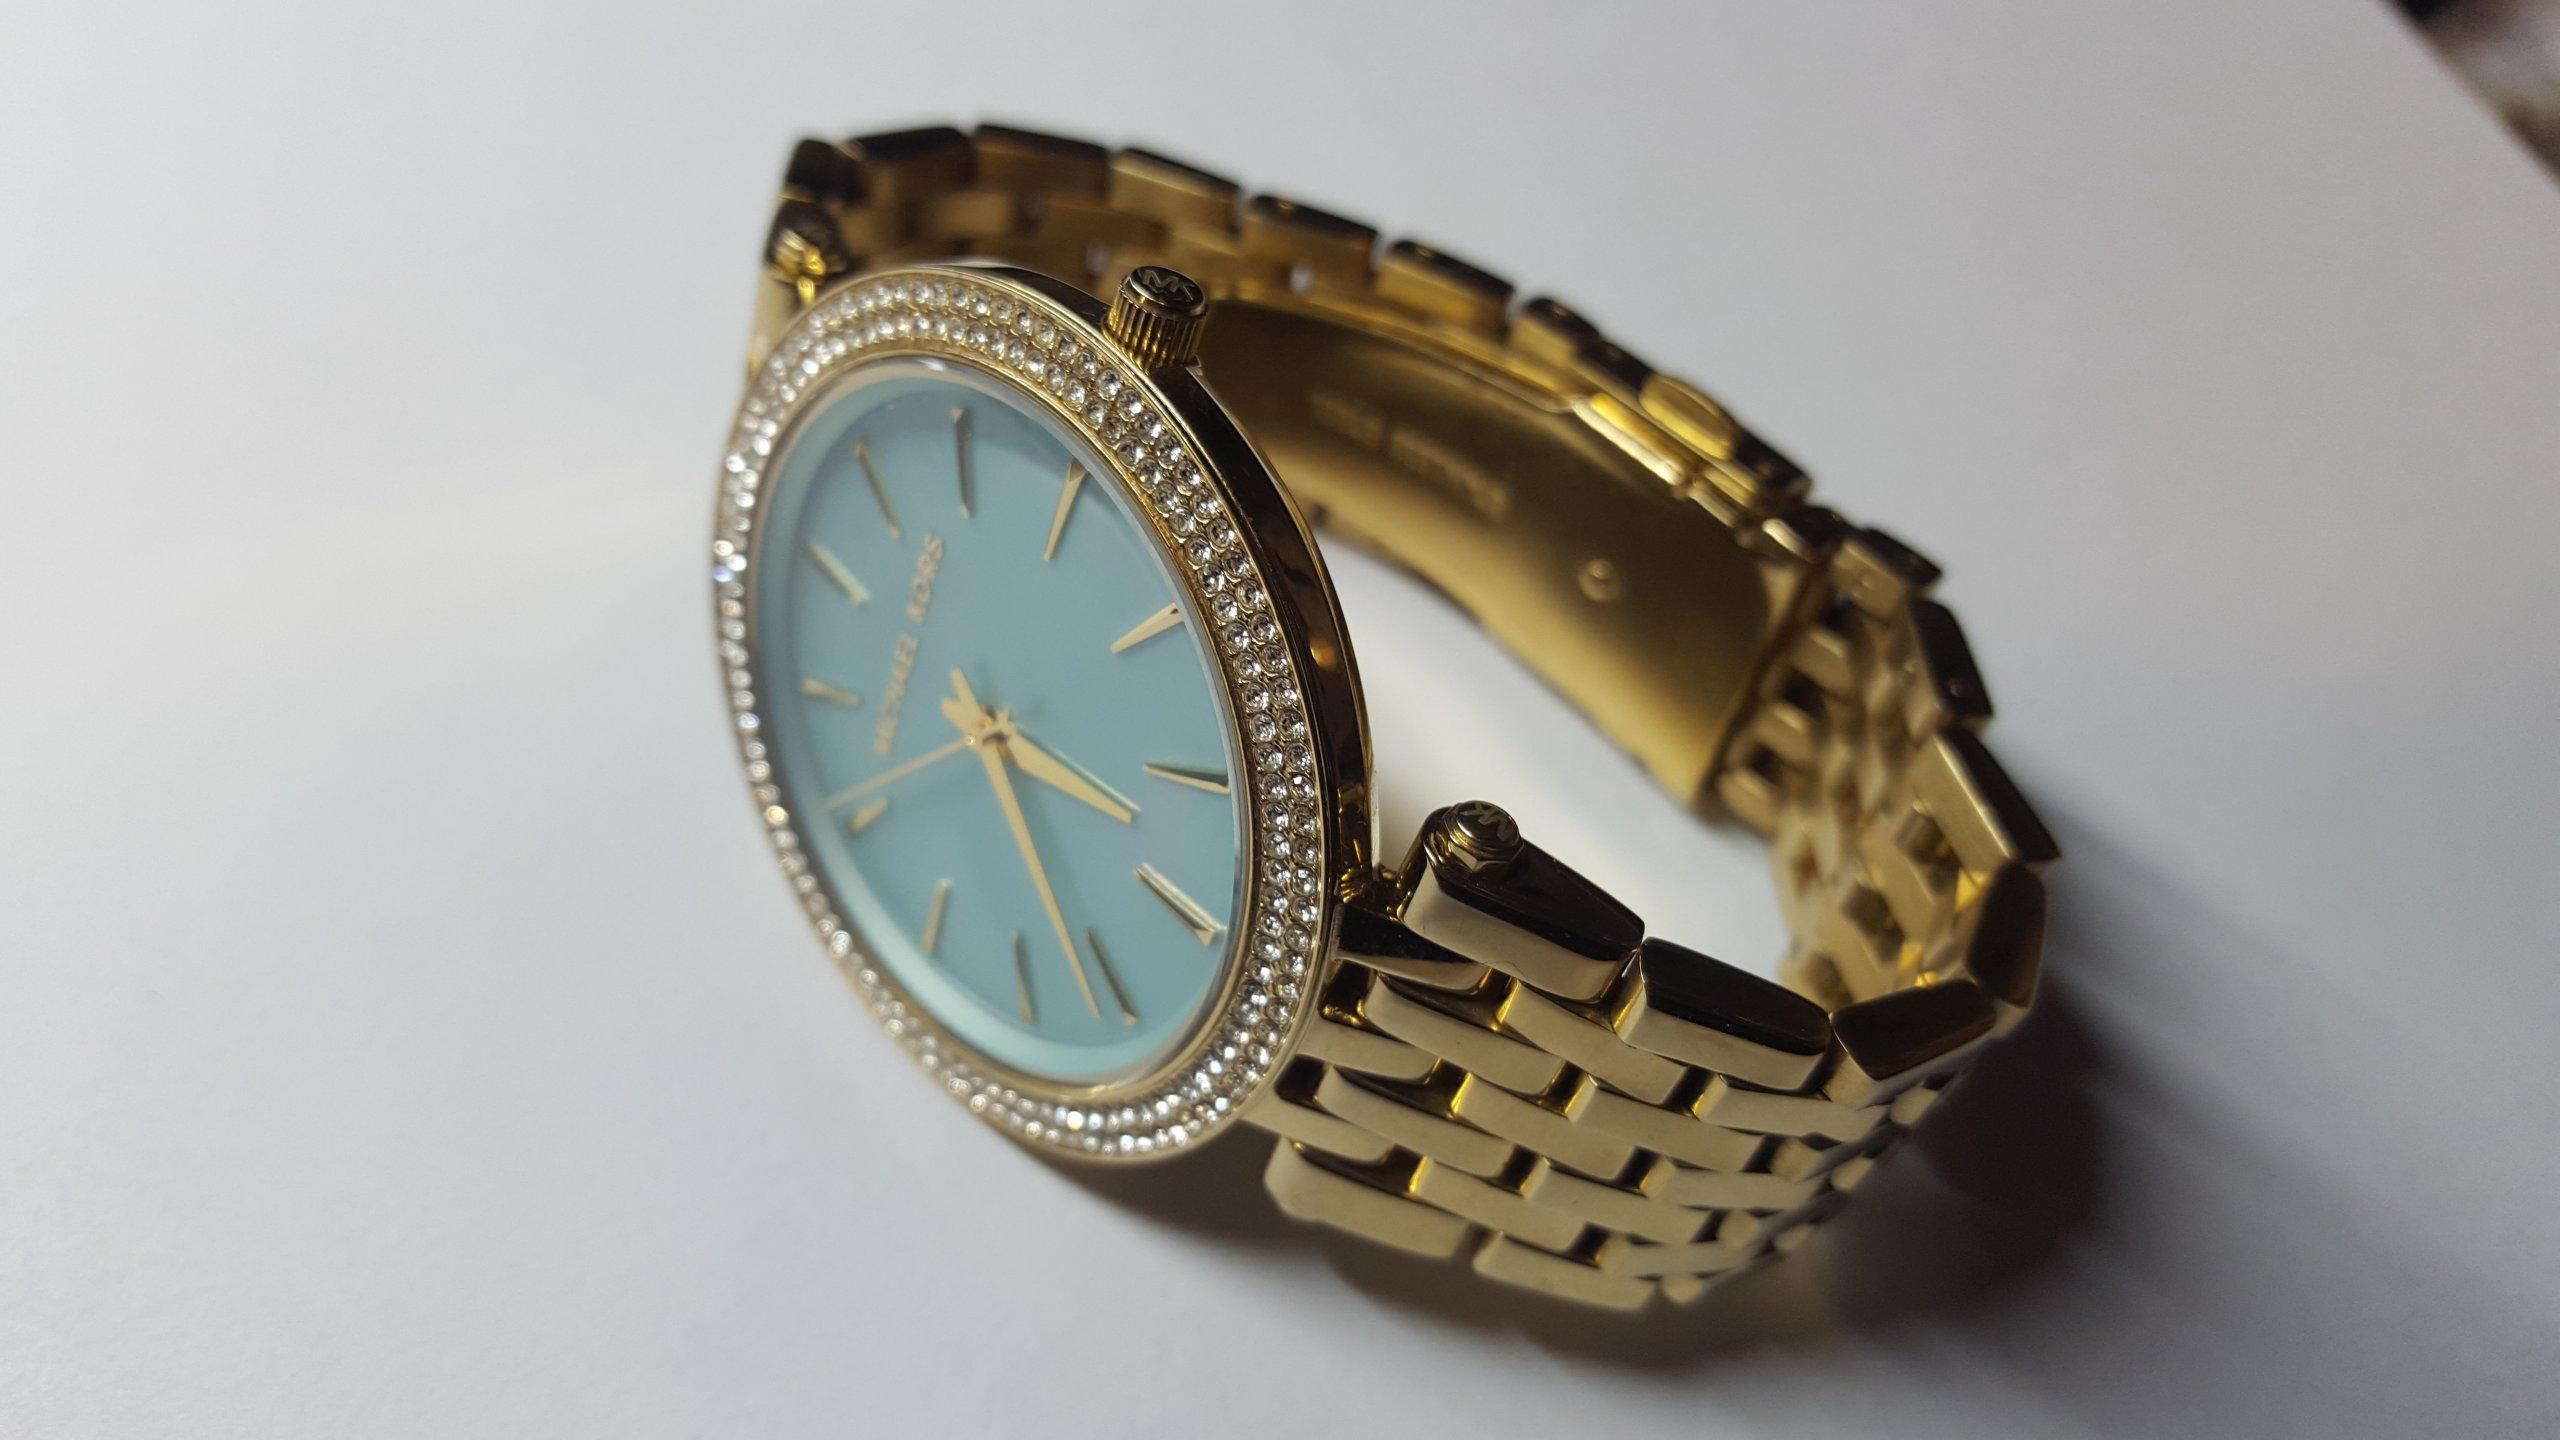 442eaafc31dbe Elegancki zegarek Michael Kors MK3498 Darci Quartz - 7245593146 ...